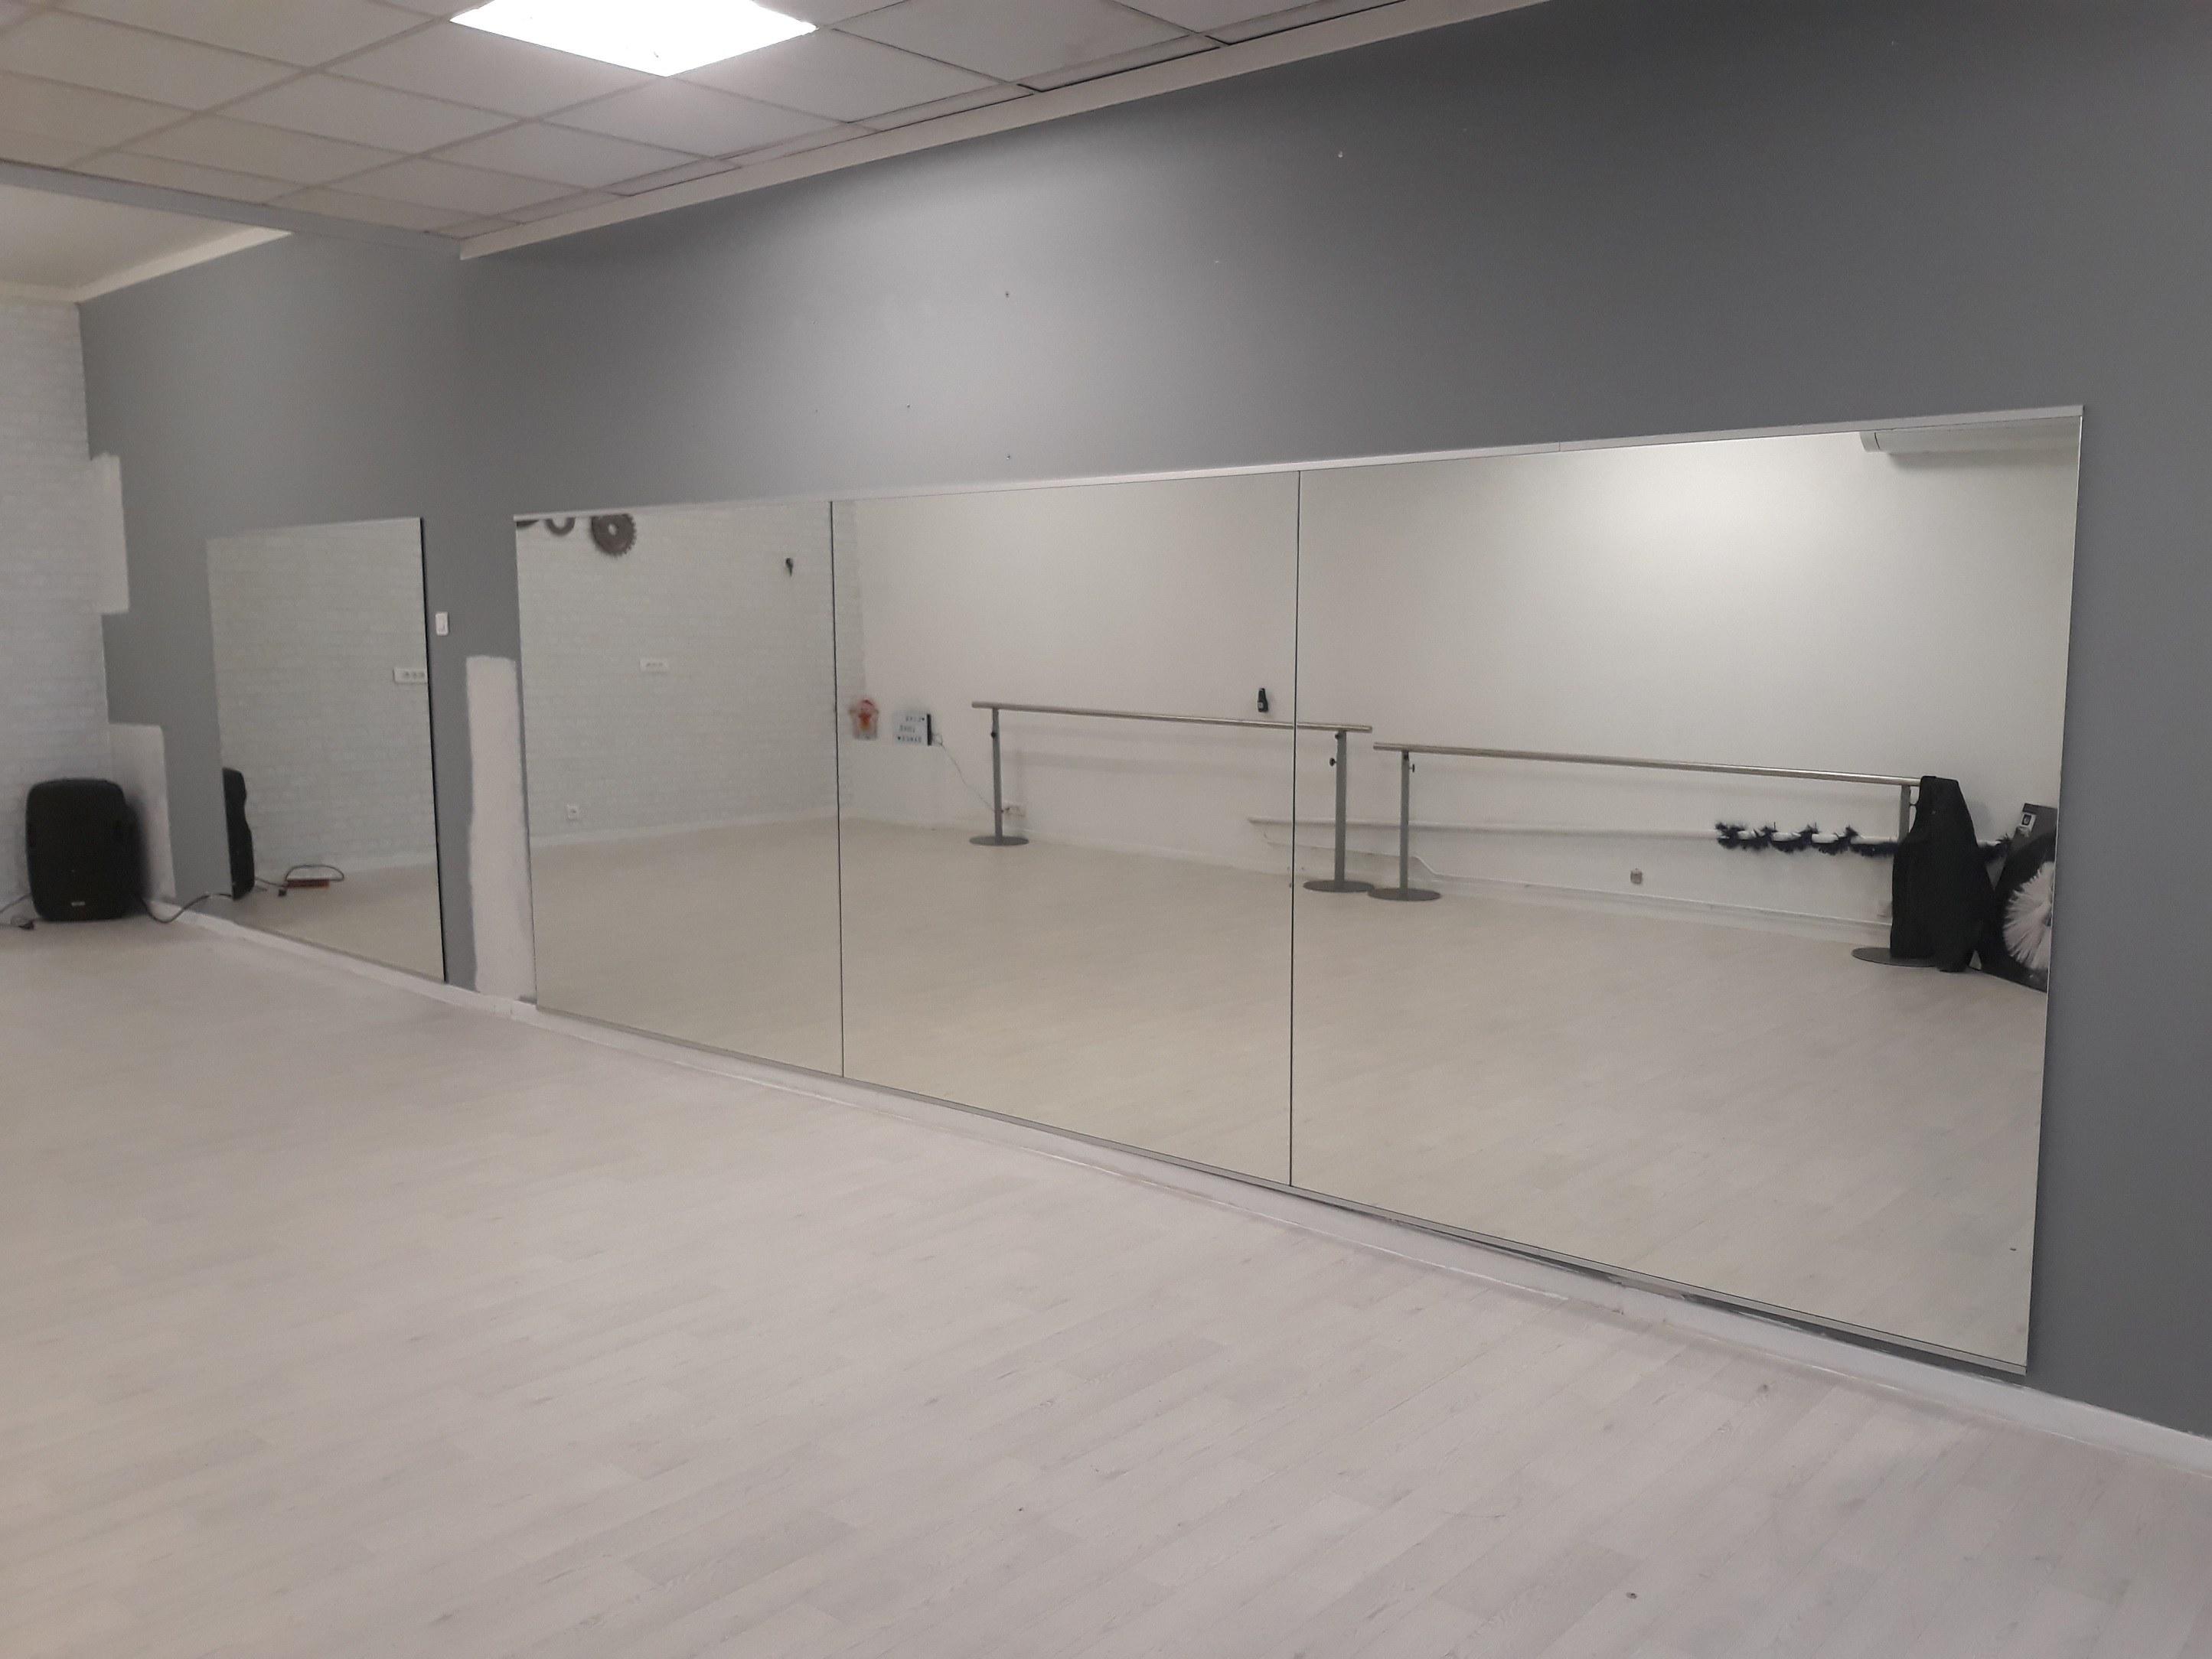 miroir salle de sport